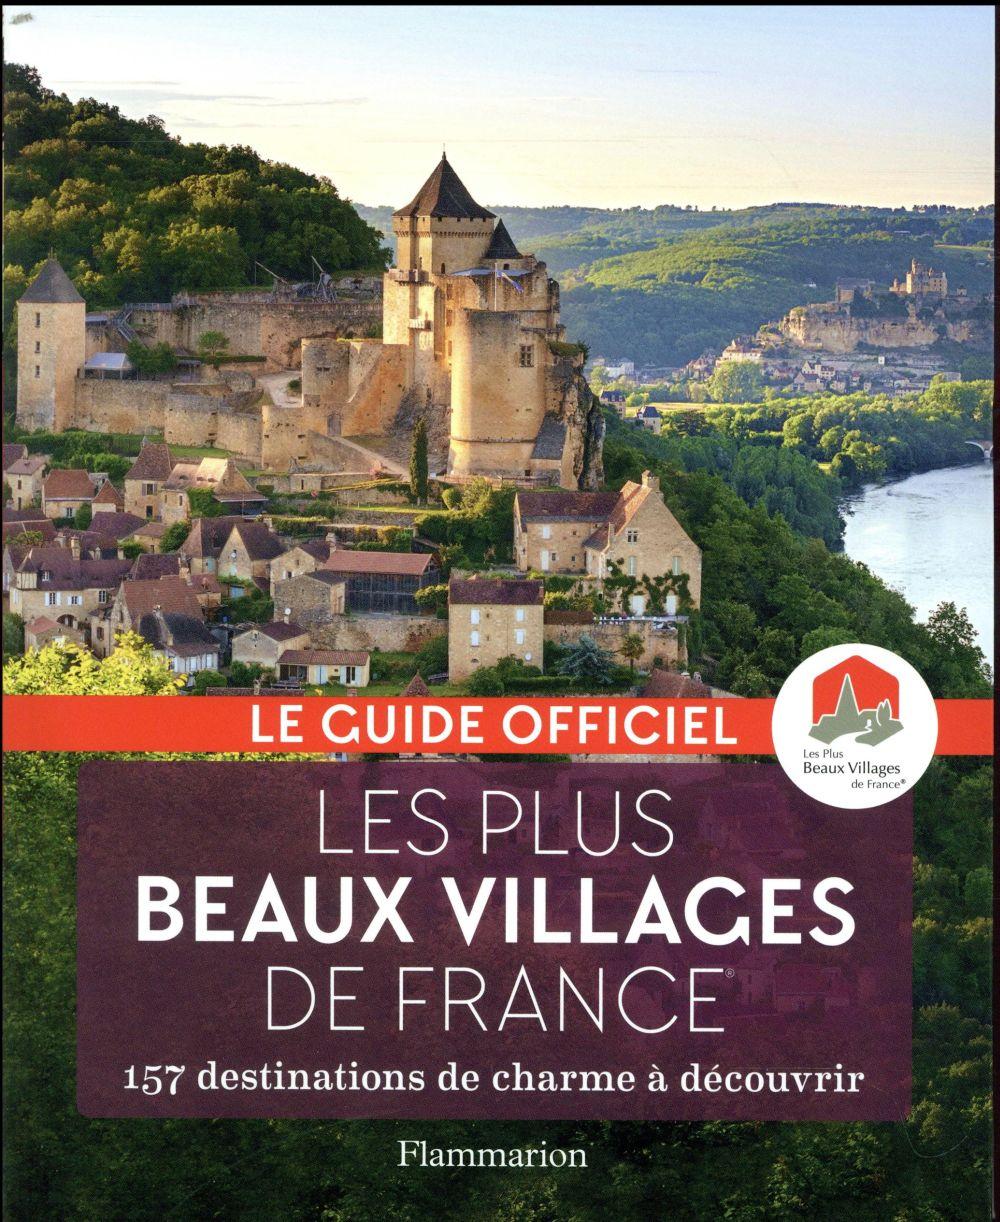 LES PLUS BEAUX VILLAGES DE FRANCE - 157 DESTINATIONS DE CHARME A DECOUVRIR  FLAMMARION